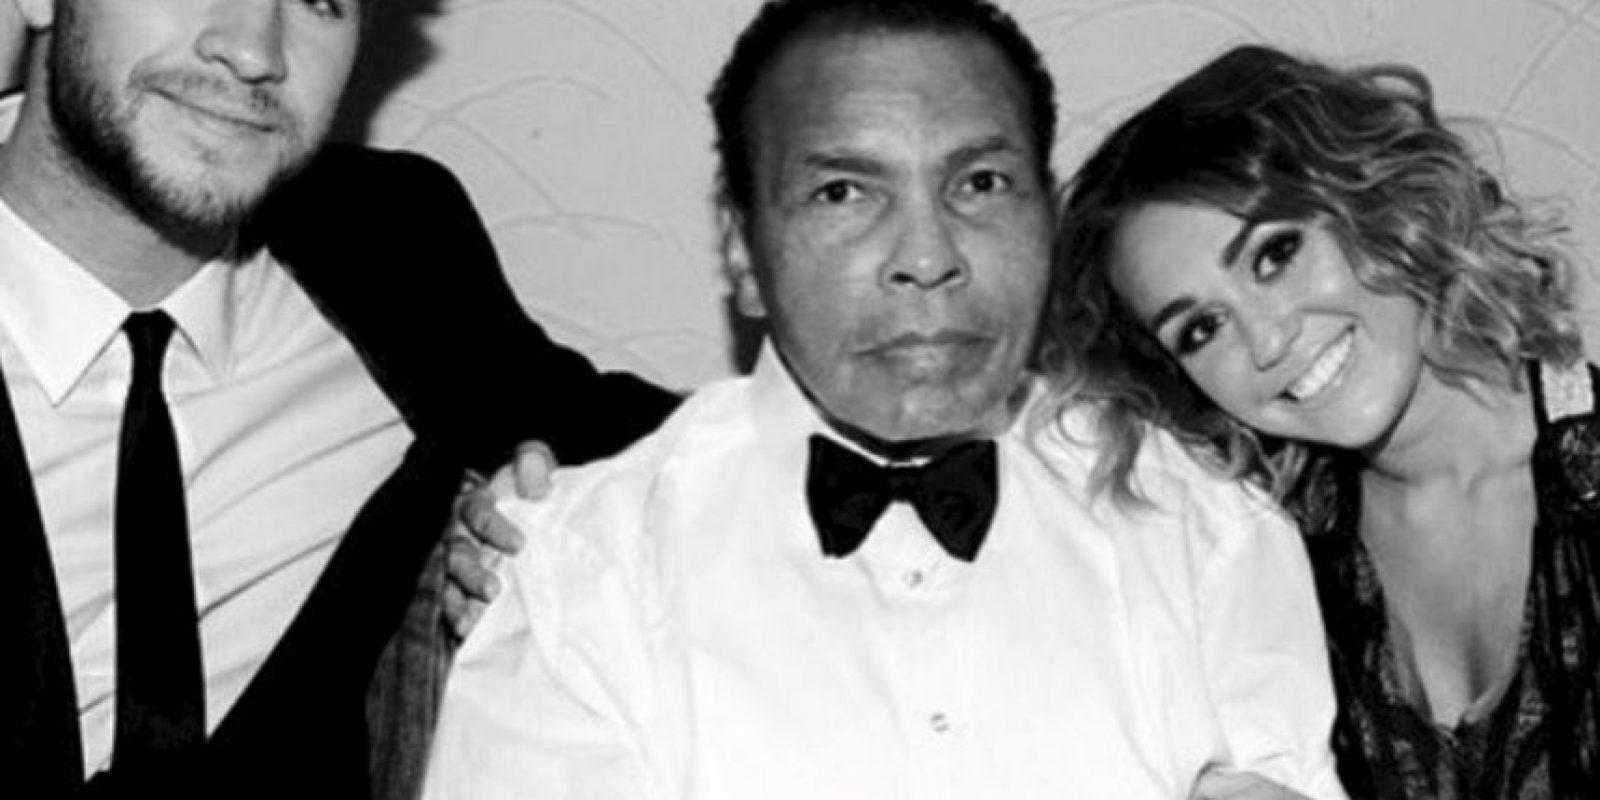 Esta fotografía de la pareja con el fallecido, Muhammad Ali, generó gran controversia entre los fans, pues es la primer imagen que ambos comparten desde su supuesta reconciliación. Foto:Instagram @mileycyrus